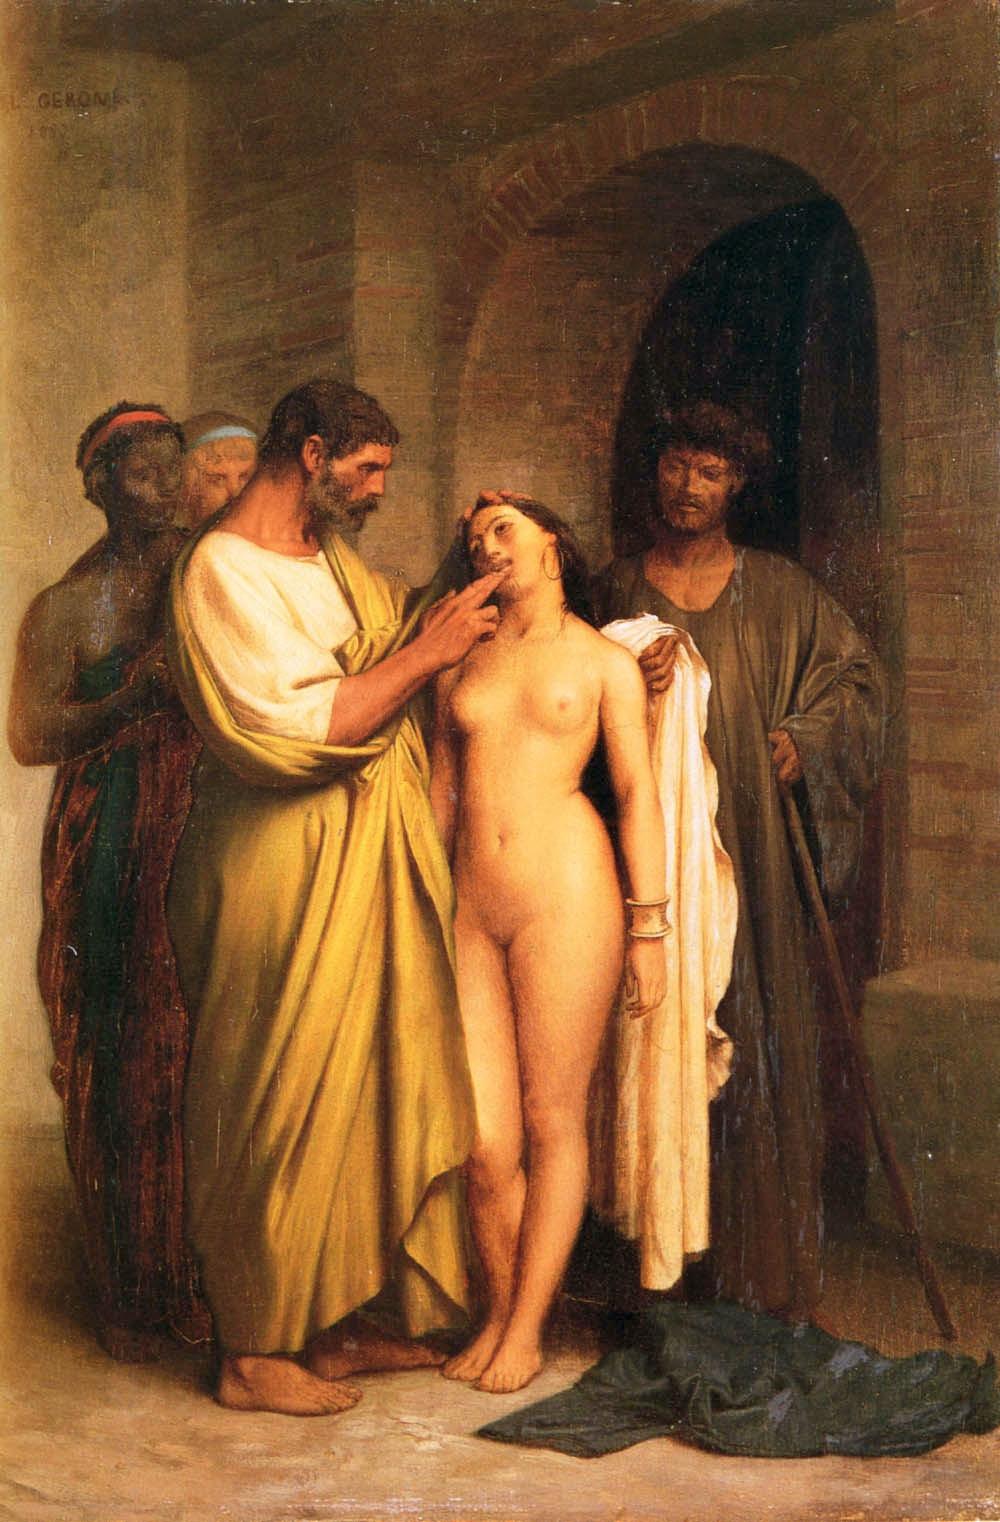 Adult and nudist